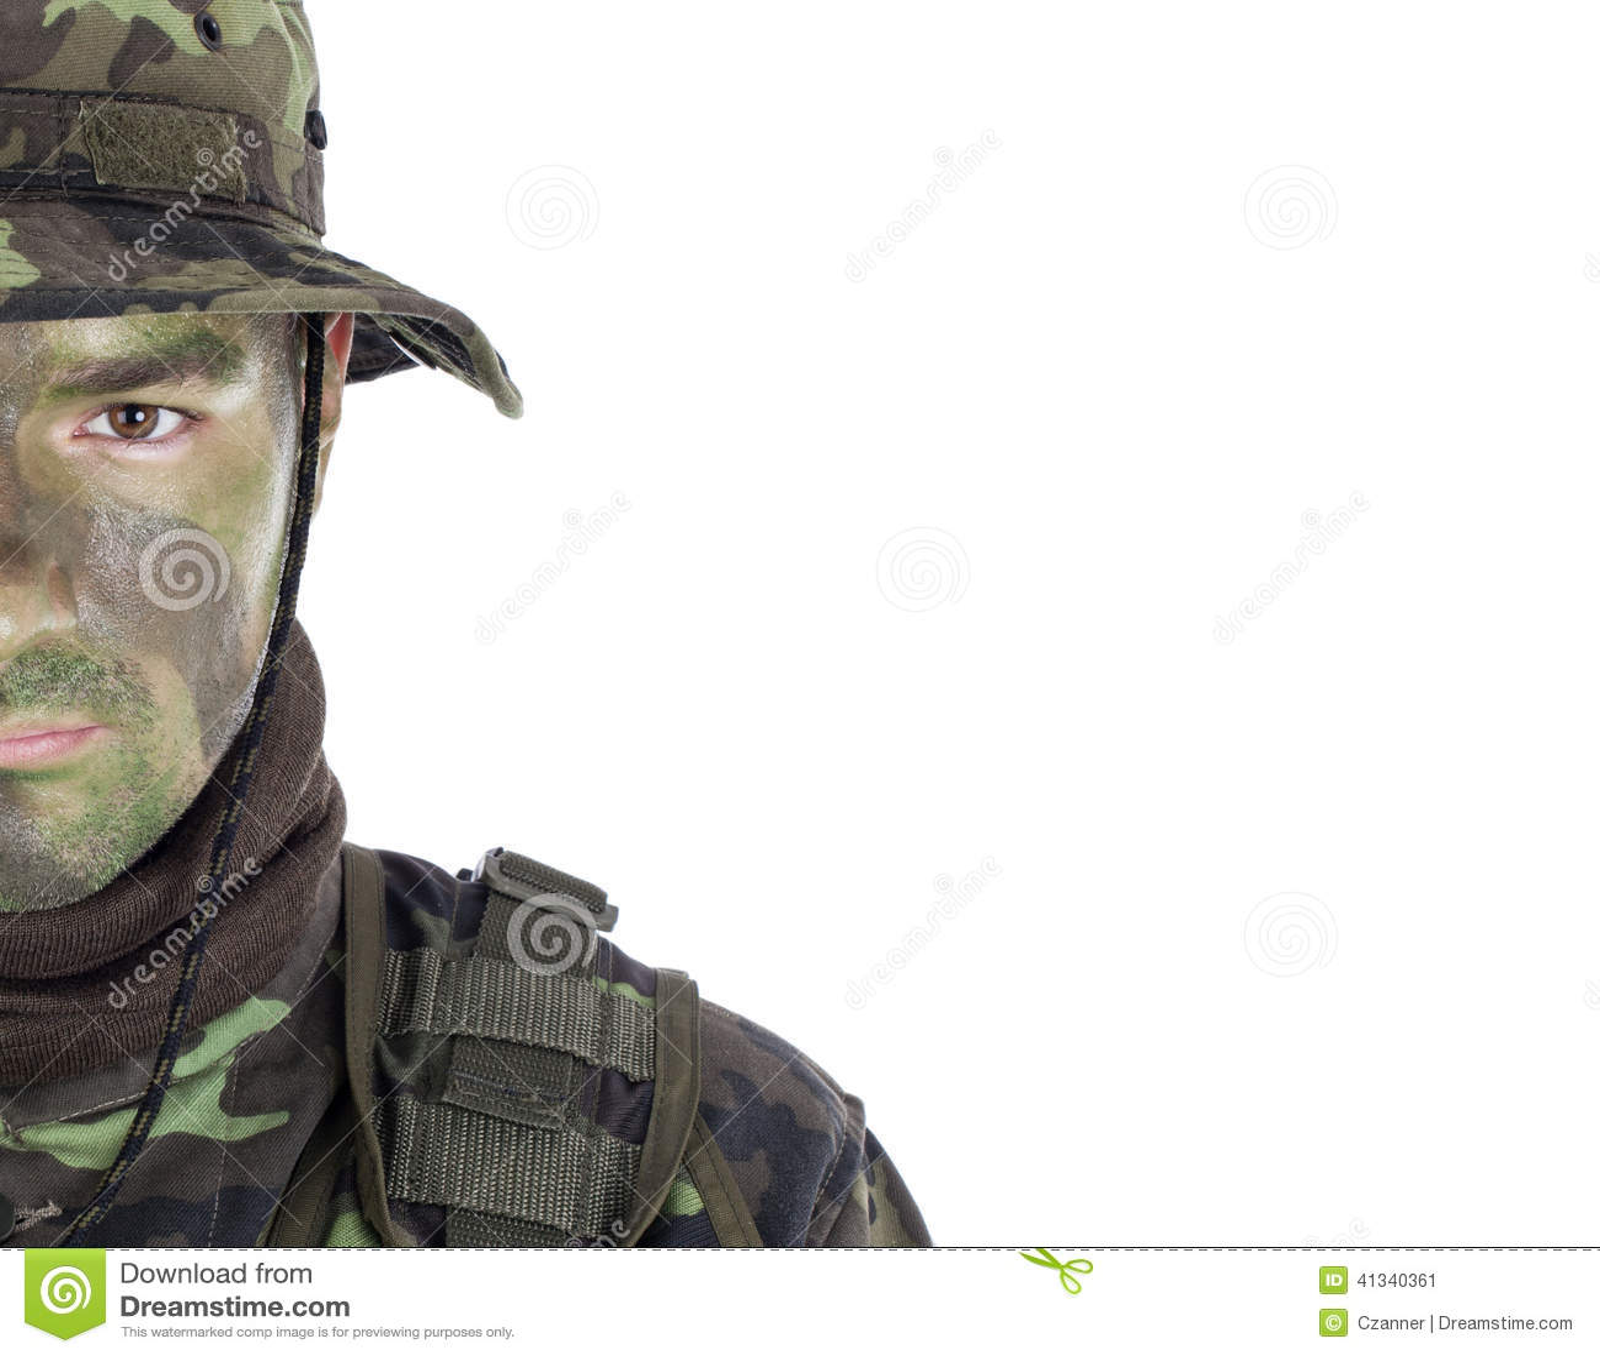 Jeune soldat avec la peinture de camouflage de jungle